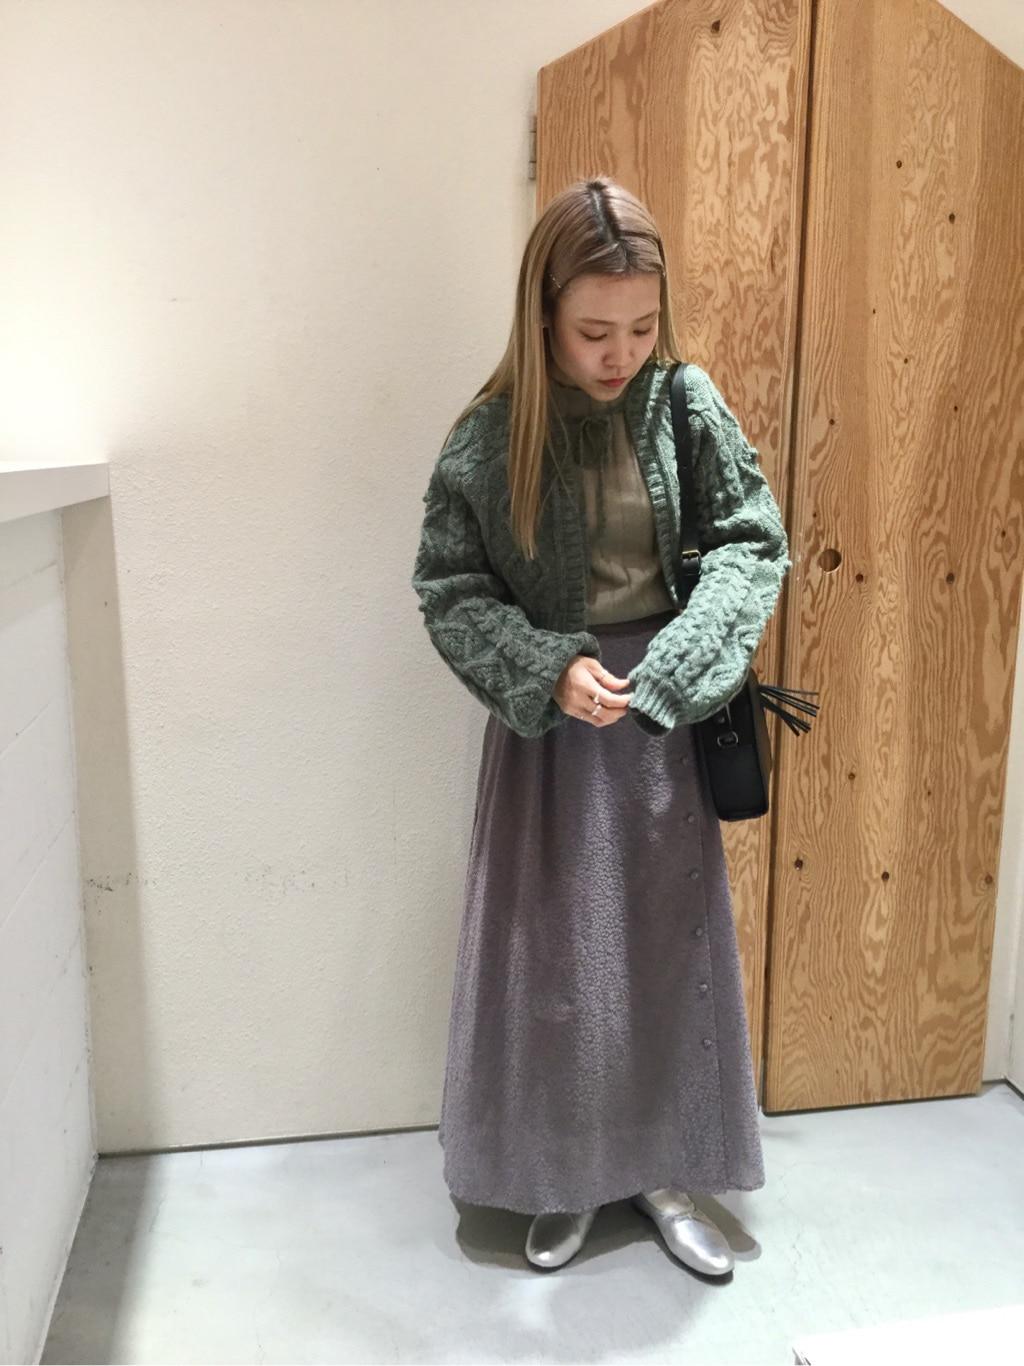 l'atelier du savon グランフロント大阪 身長:155cm 2019.11.28